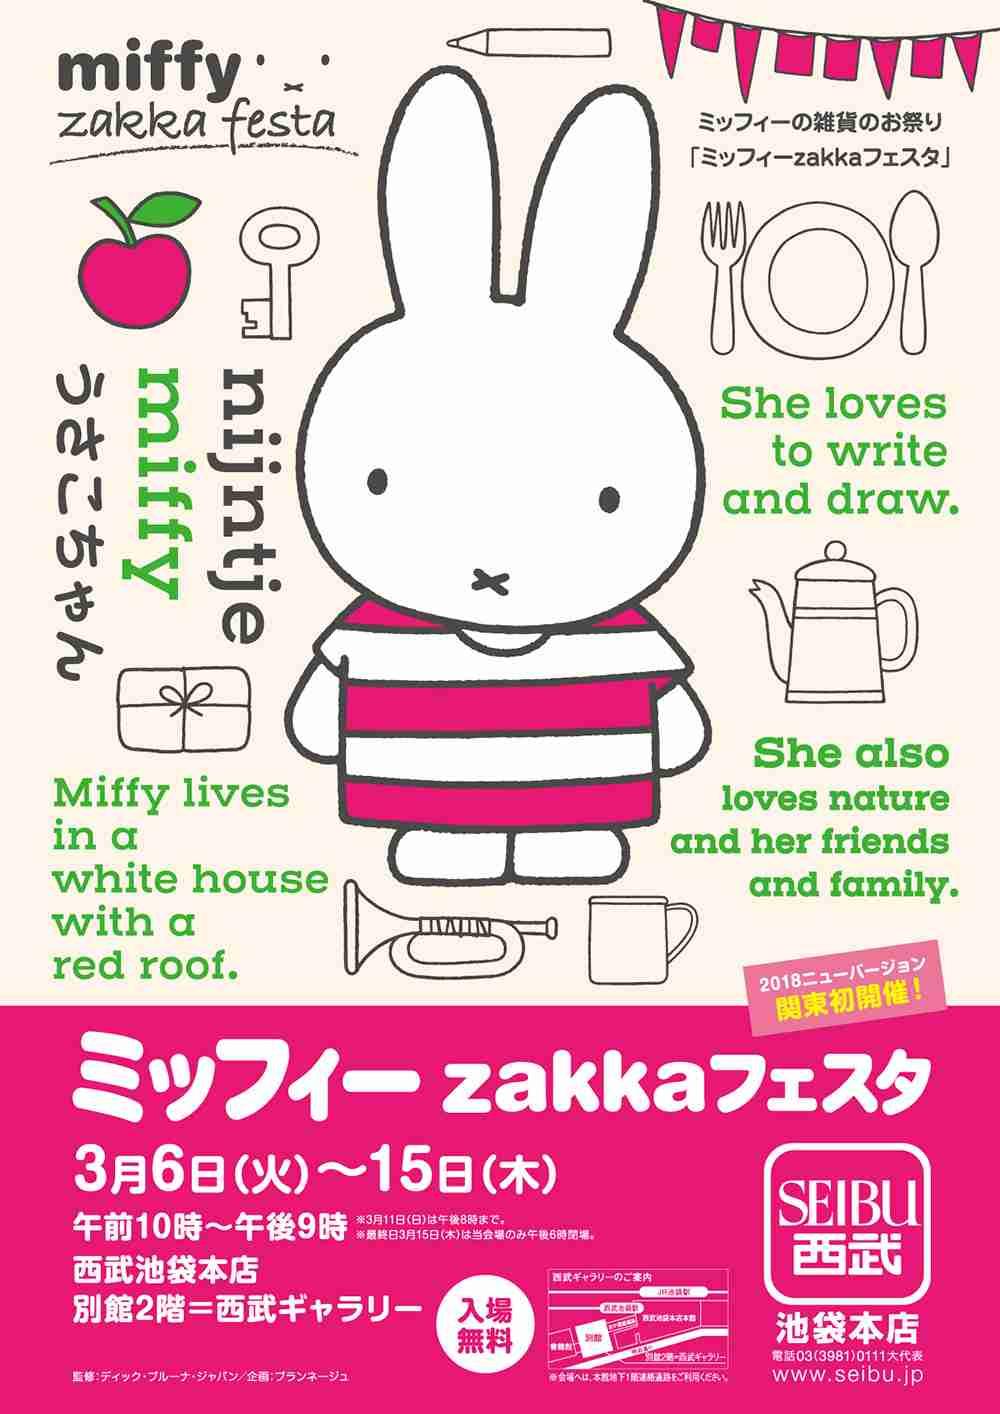 3/6-15 西武池袋本店で「ミッフィーzakkaフェスタ」開催|トピックス|dickbruna.jp 日本のミッフィー情報サイト